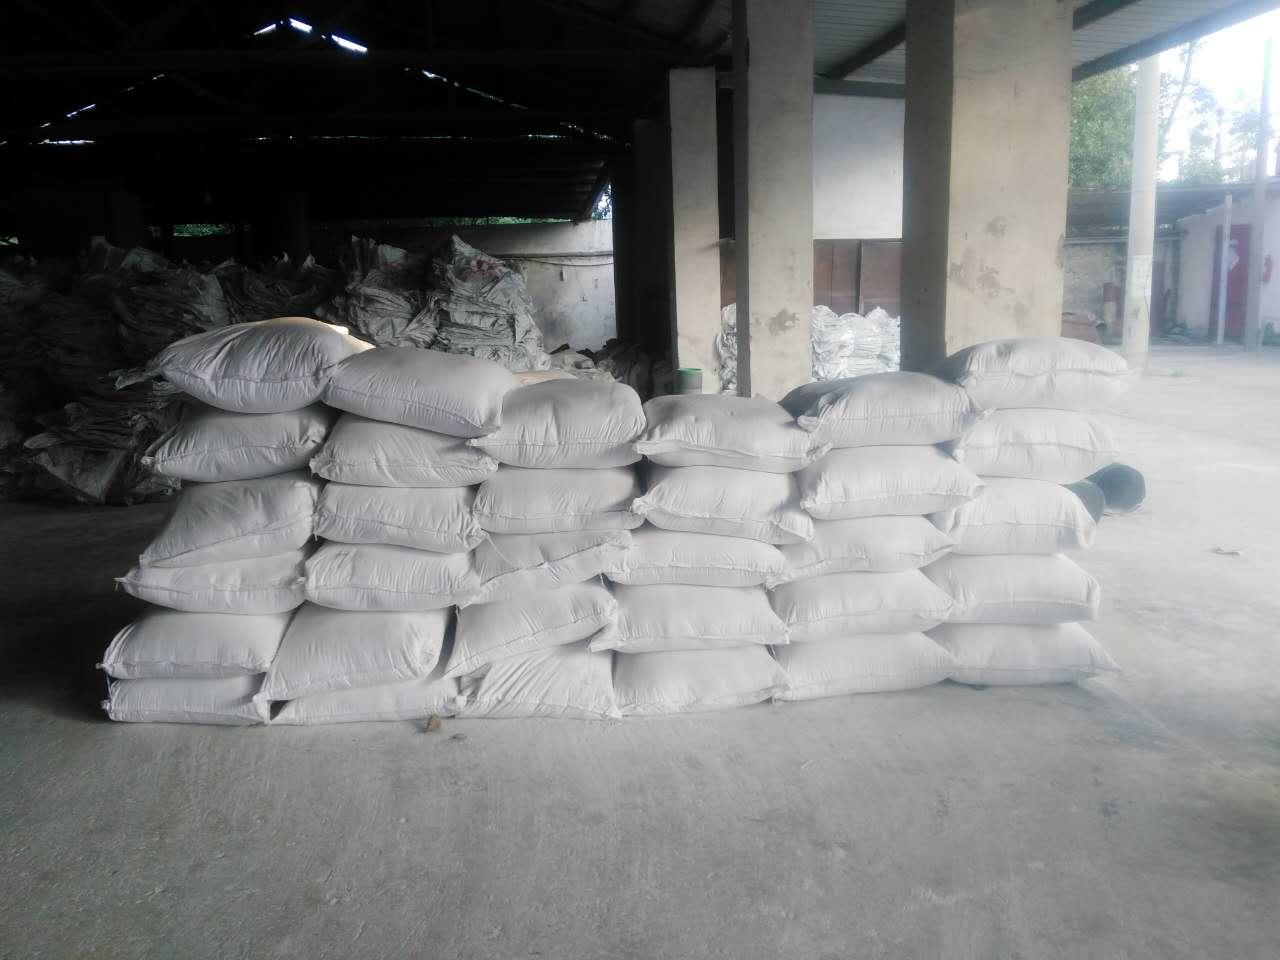 哪里买好用的珍珠岩助滤剂价位,食品级珍珠岩助滤剂